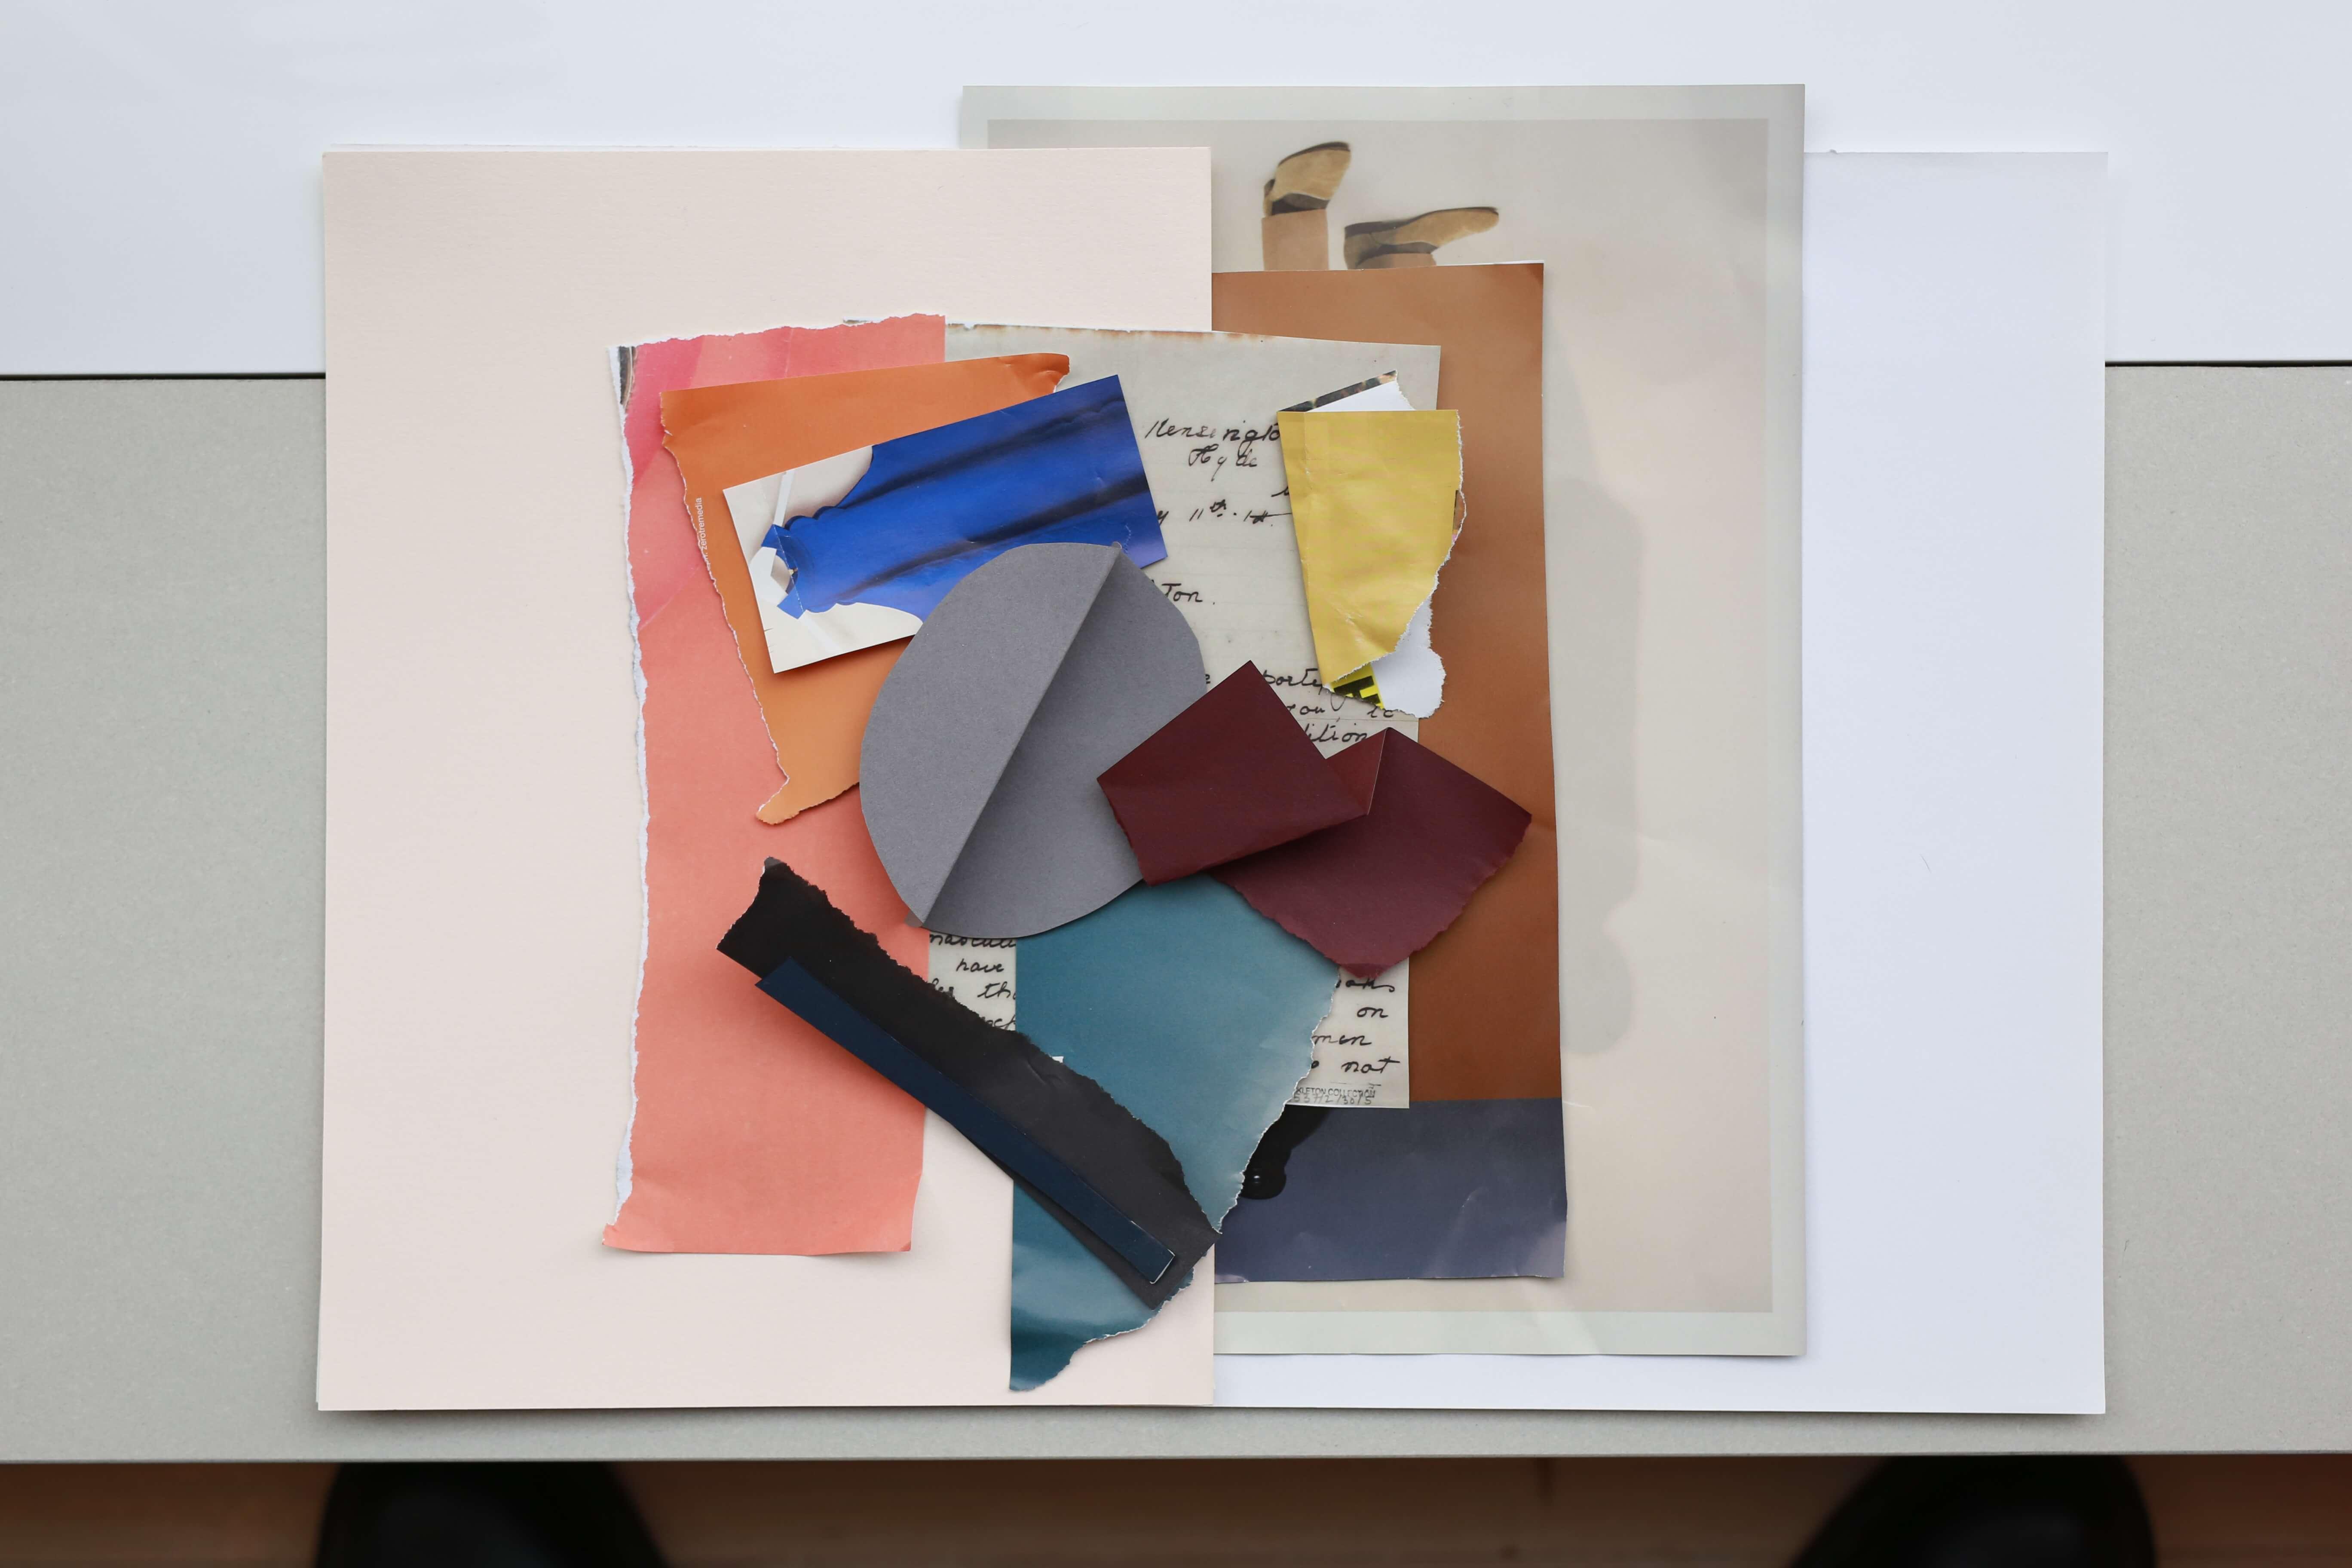 Disegno Arper Johannes Itten Workshop Subjective Colour